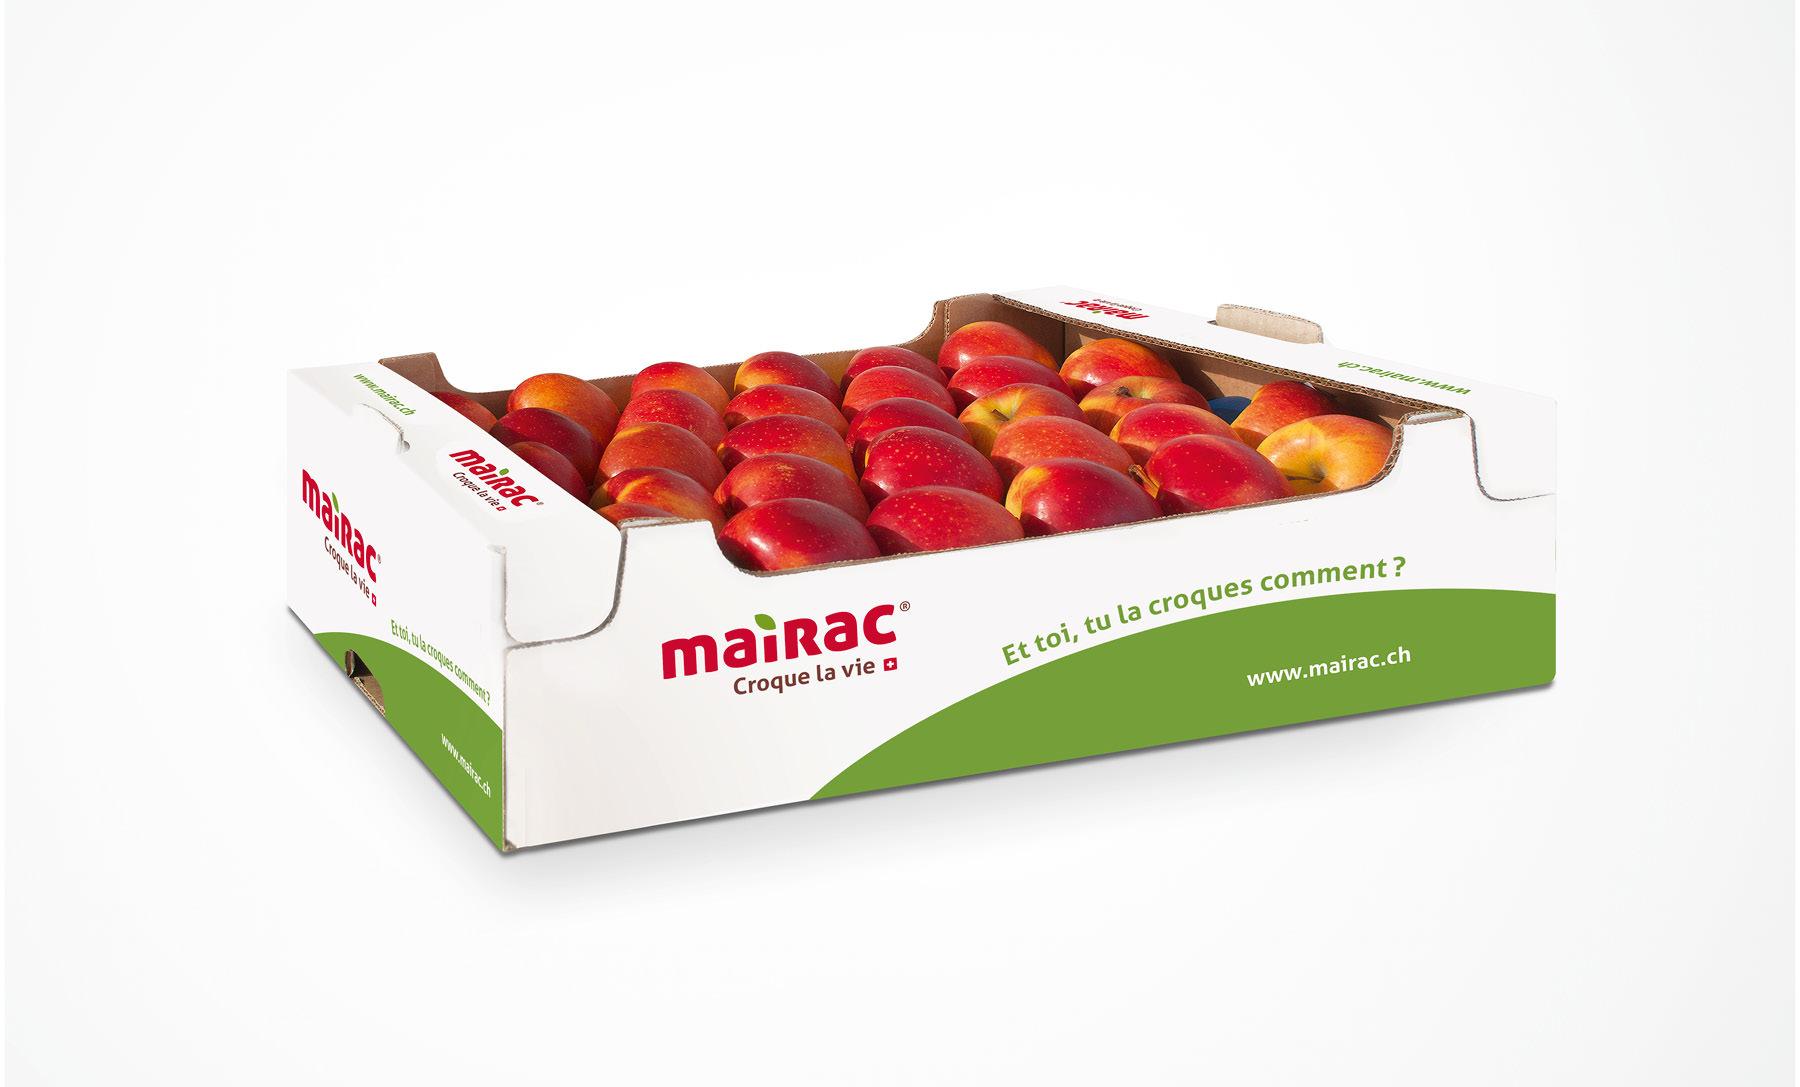 Mairac Croque la vie logo pomme packaging